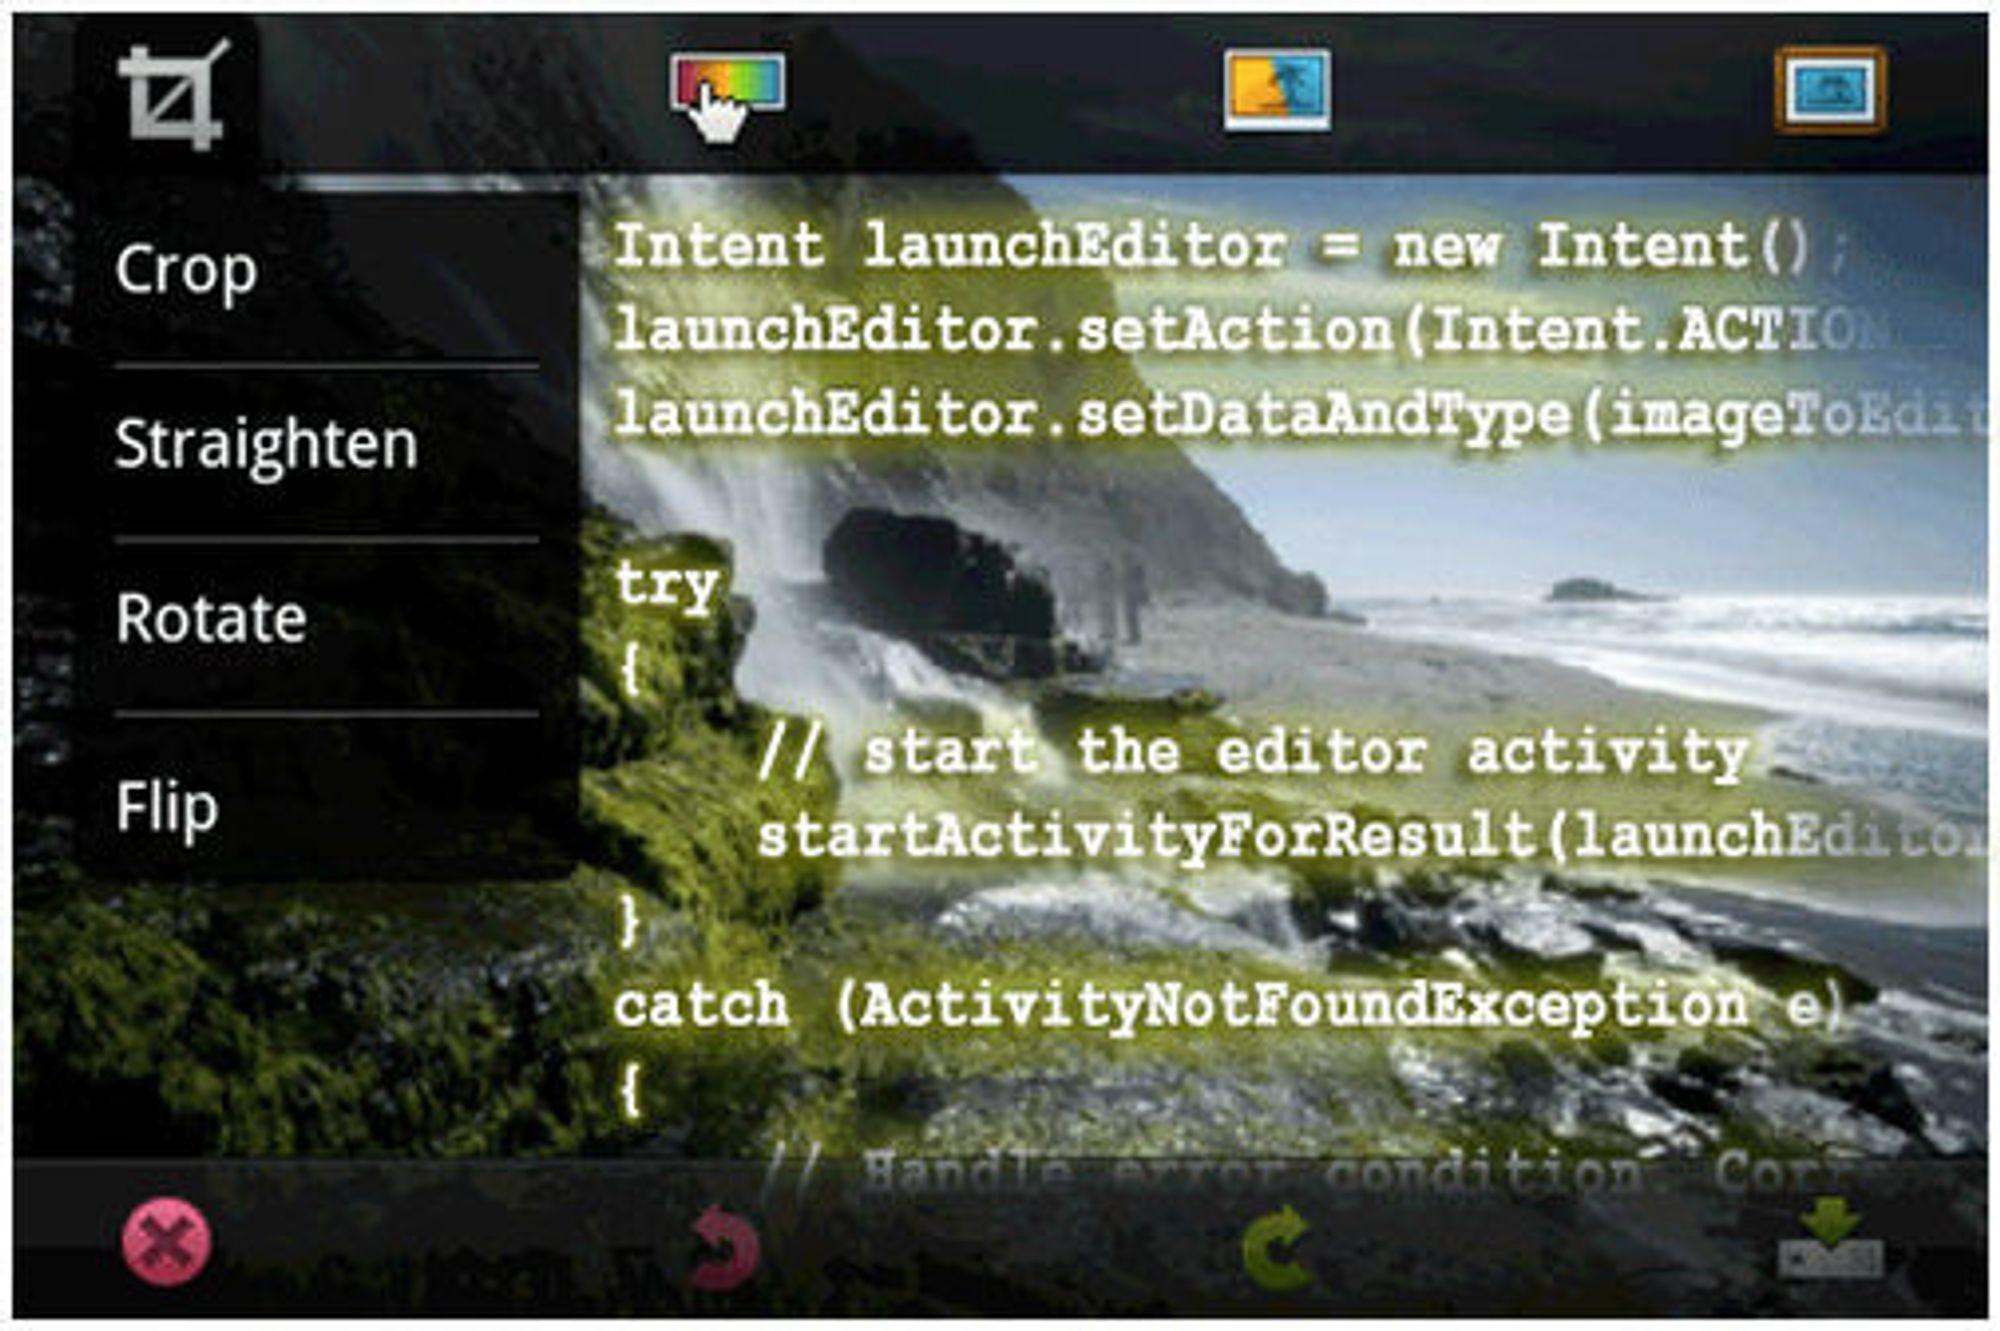 Integrasjon av Adobe Photoshop.com App for Android 1.1 i en vilkårlig Android-applikasjon.